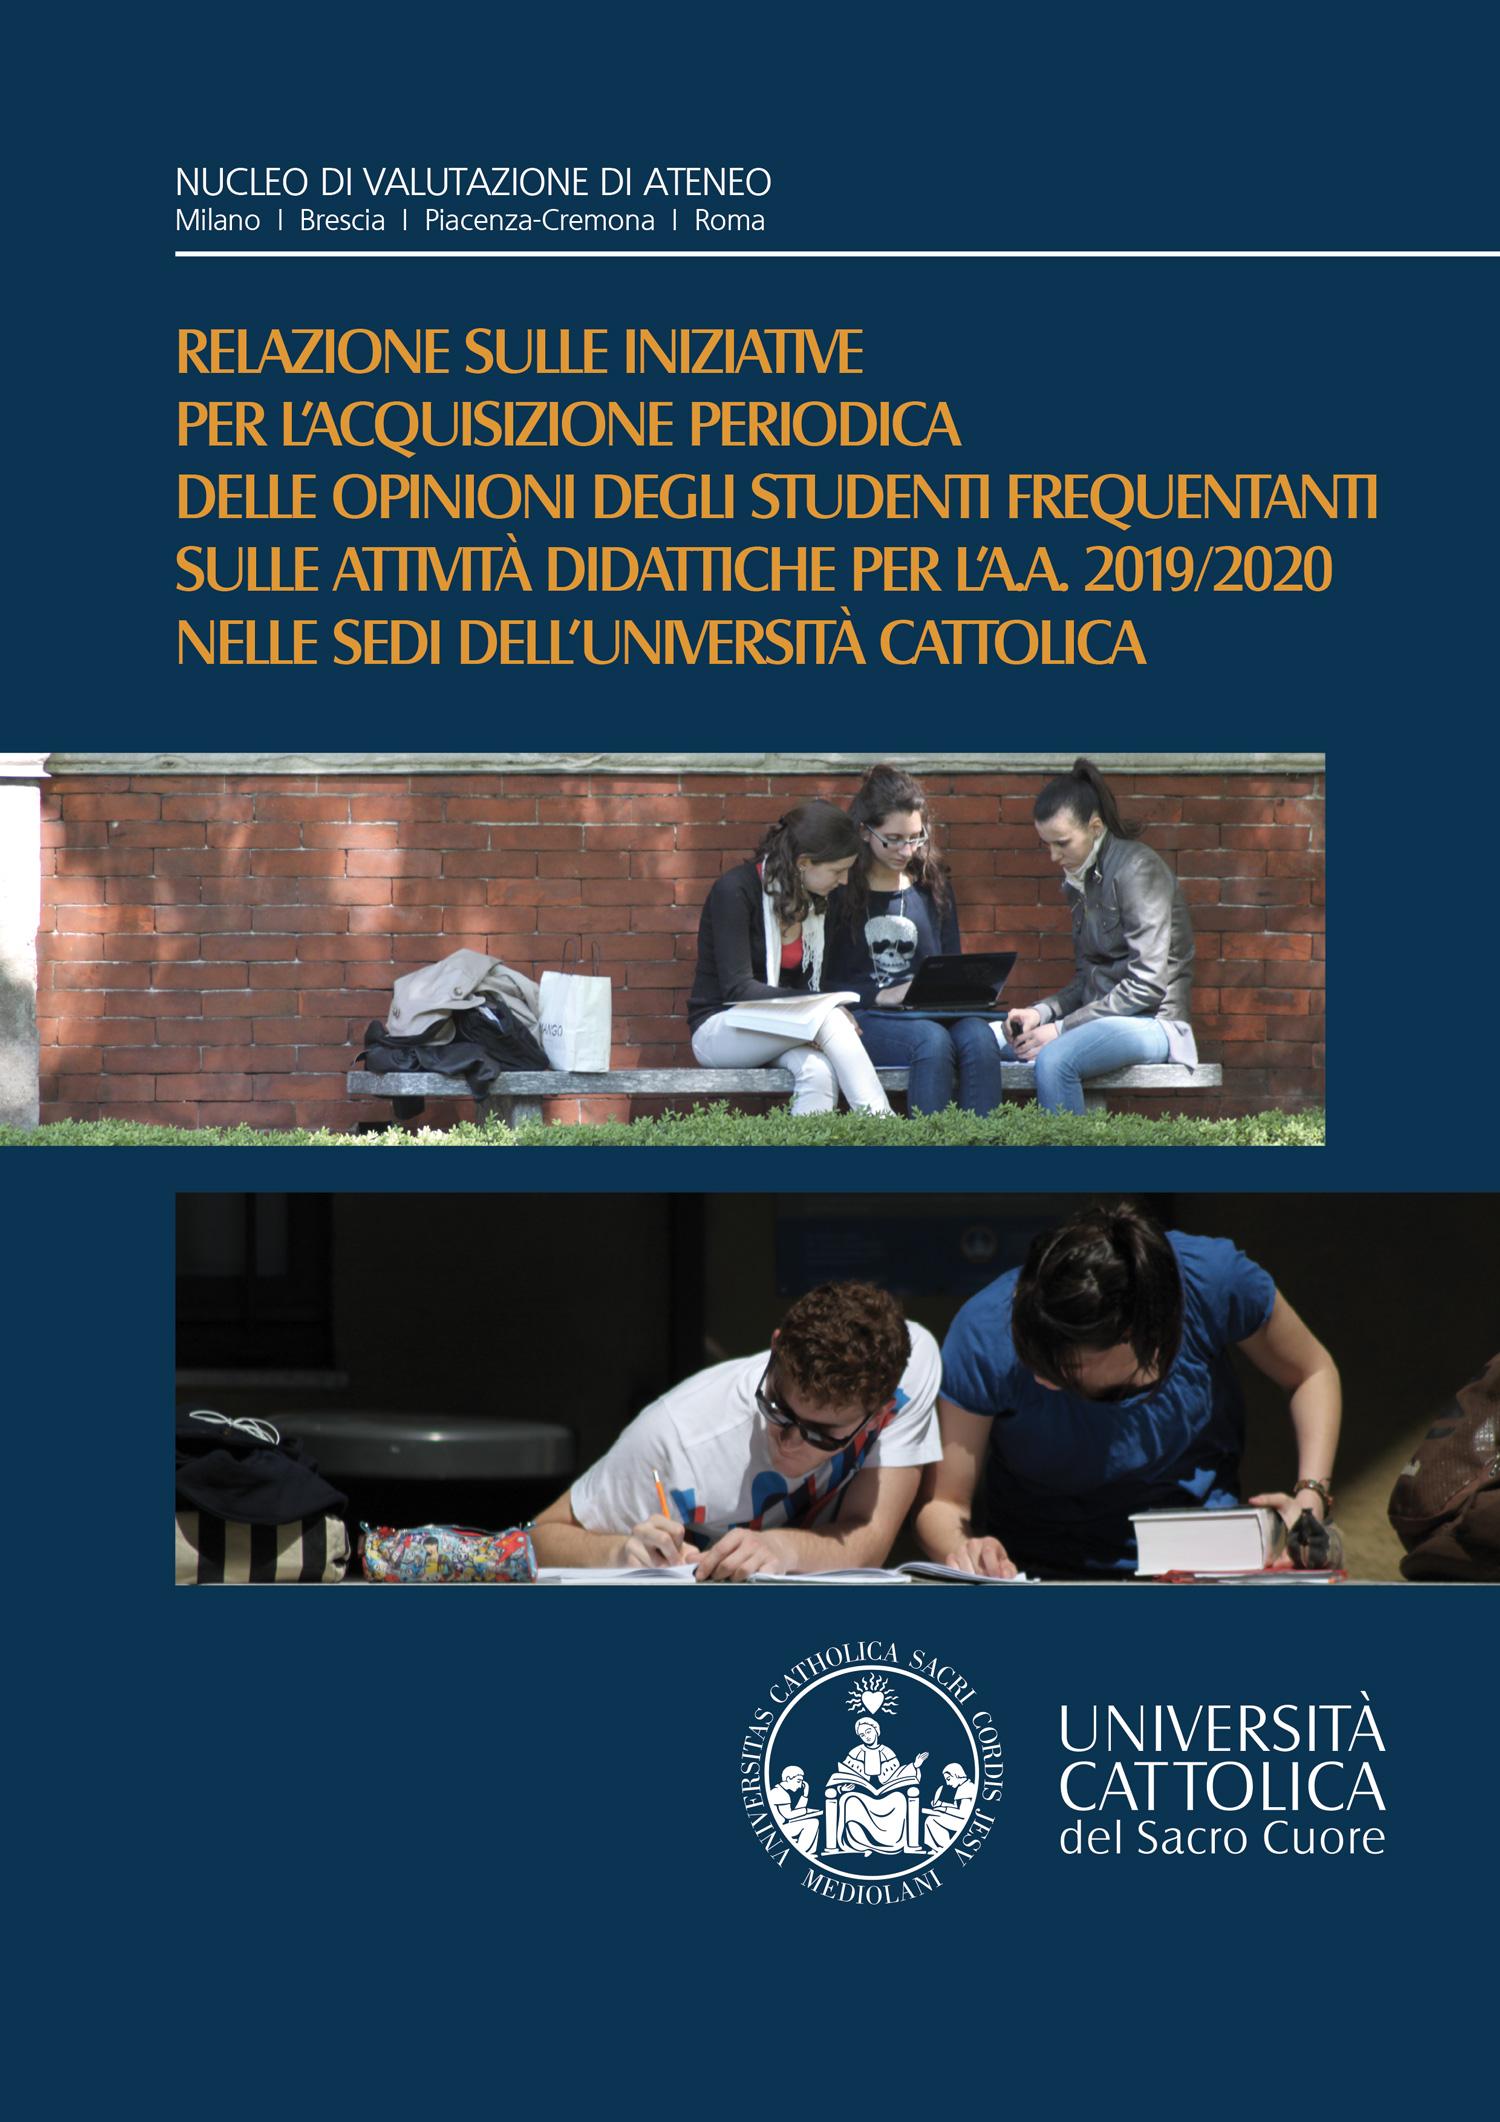 Relazione sulle iniziative per l'acquisizione periodica delle opinioni degli studenti frequentanti sulle attività didattiche per l'a.a. 2019/2020 nelle sedi dell'Università Cattolica